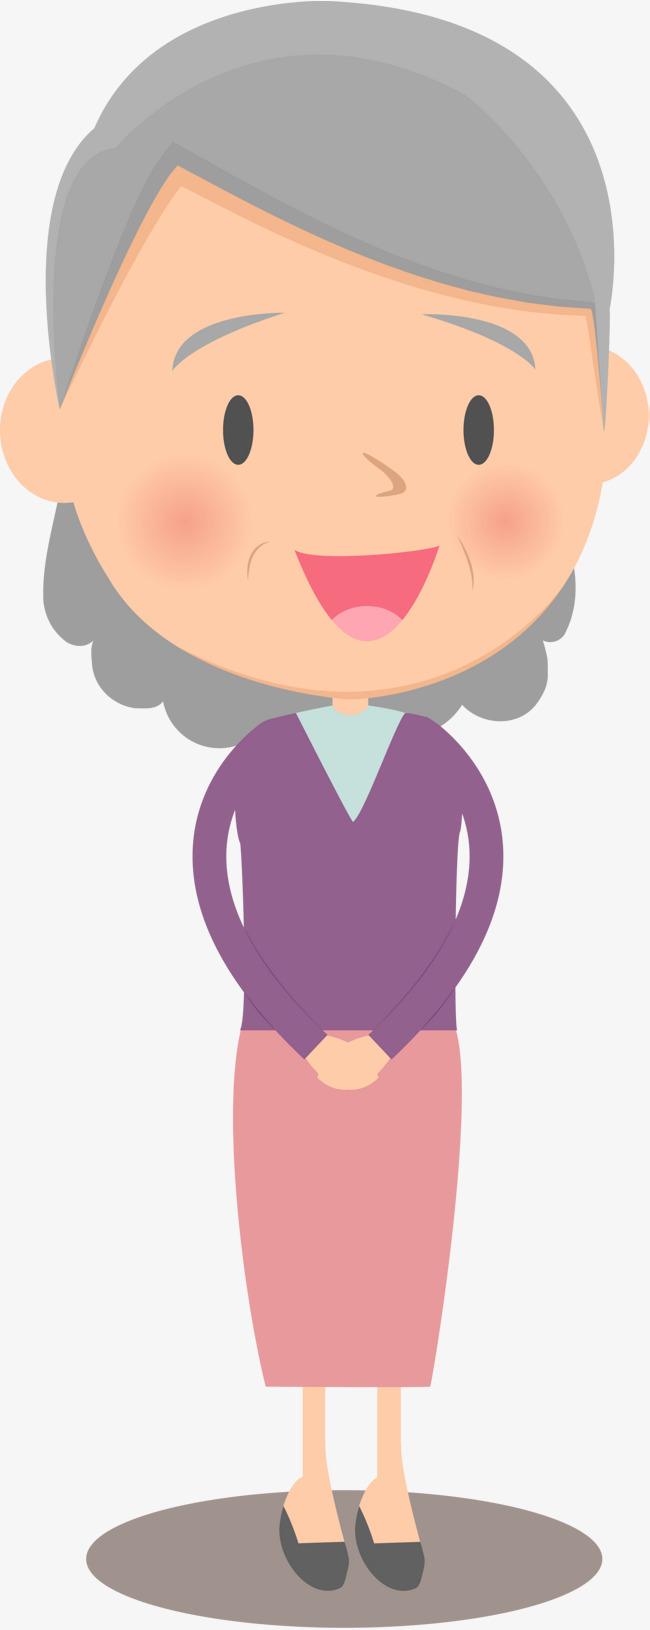 人物插画可爱老奶奶